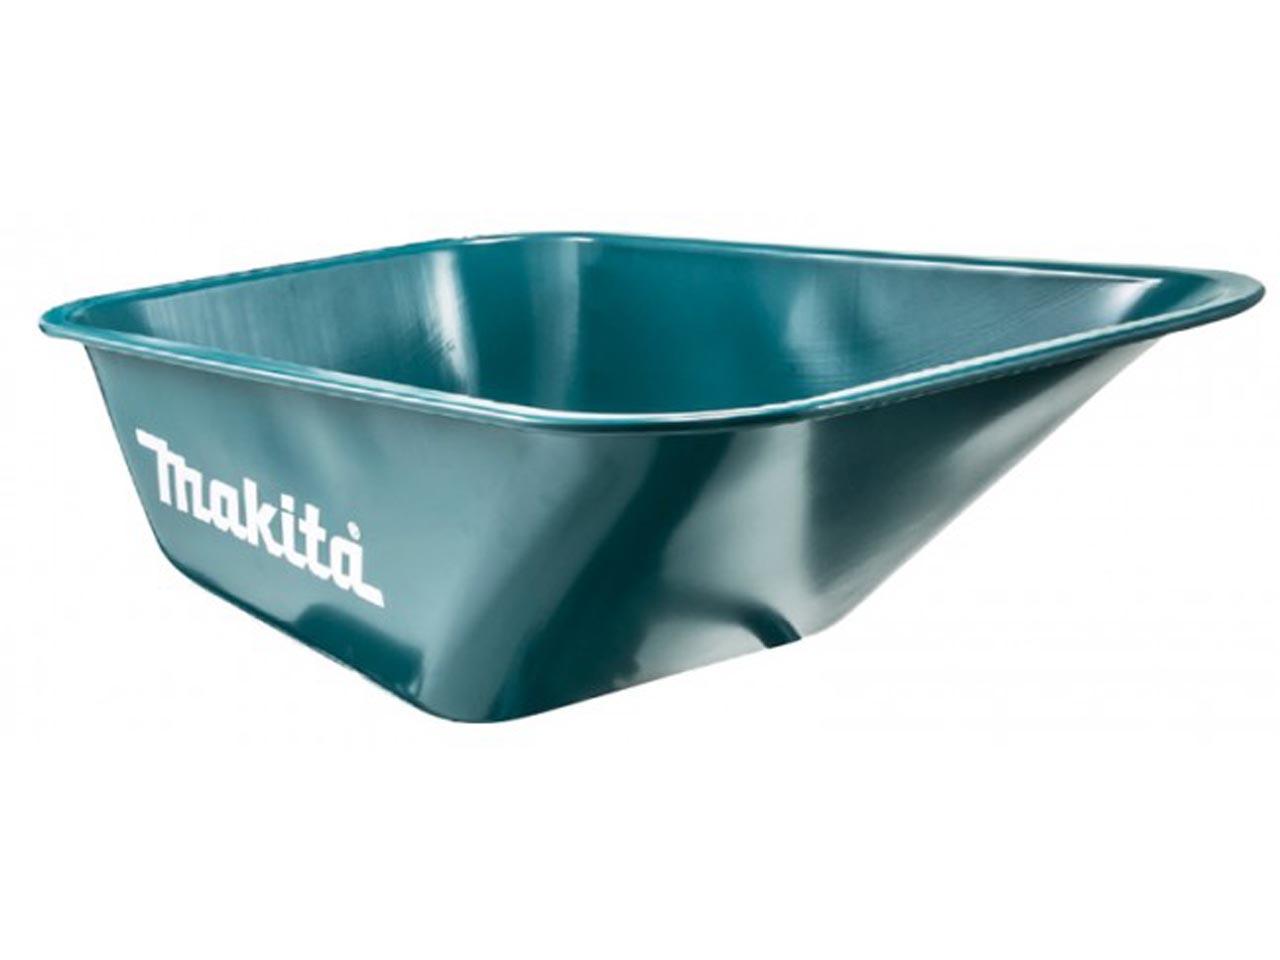 Makita_199008-0.jpg